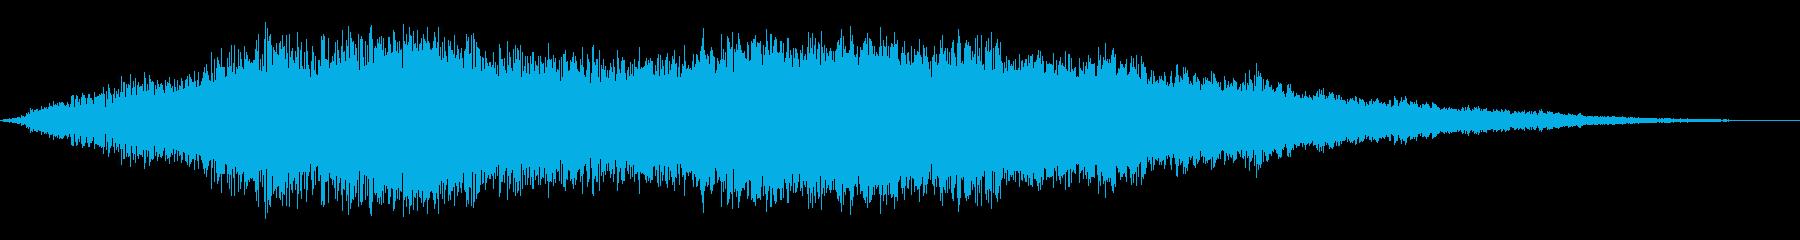 コスミックイベントリングの再生済みの波形